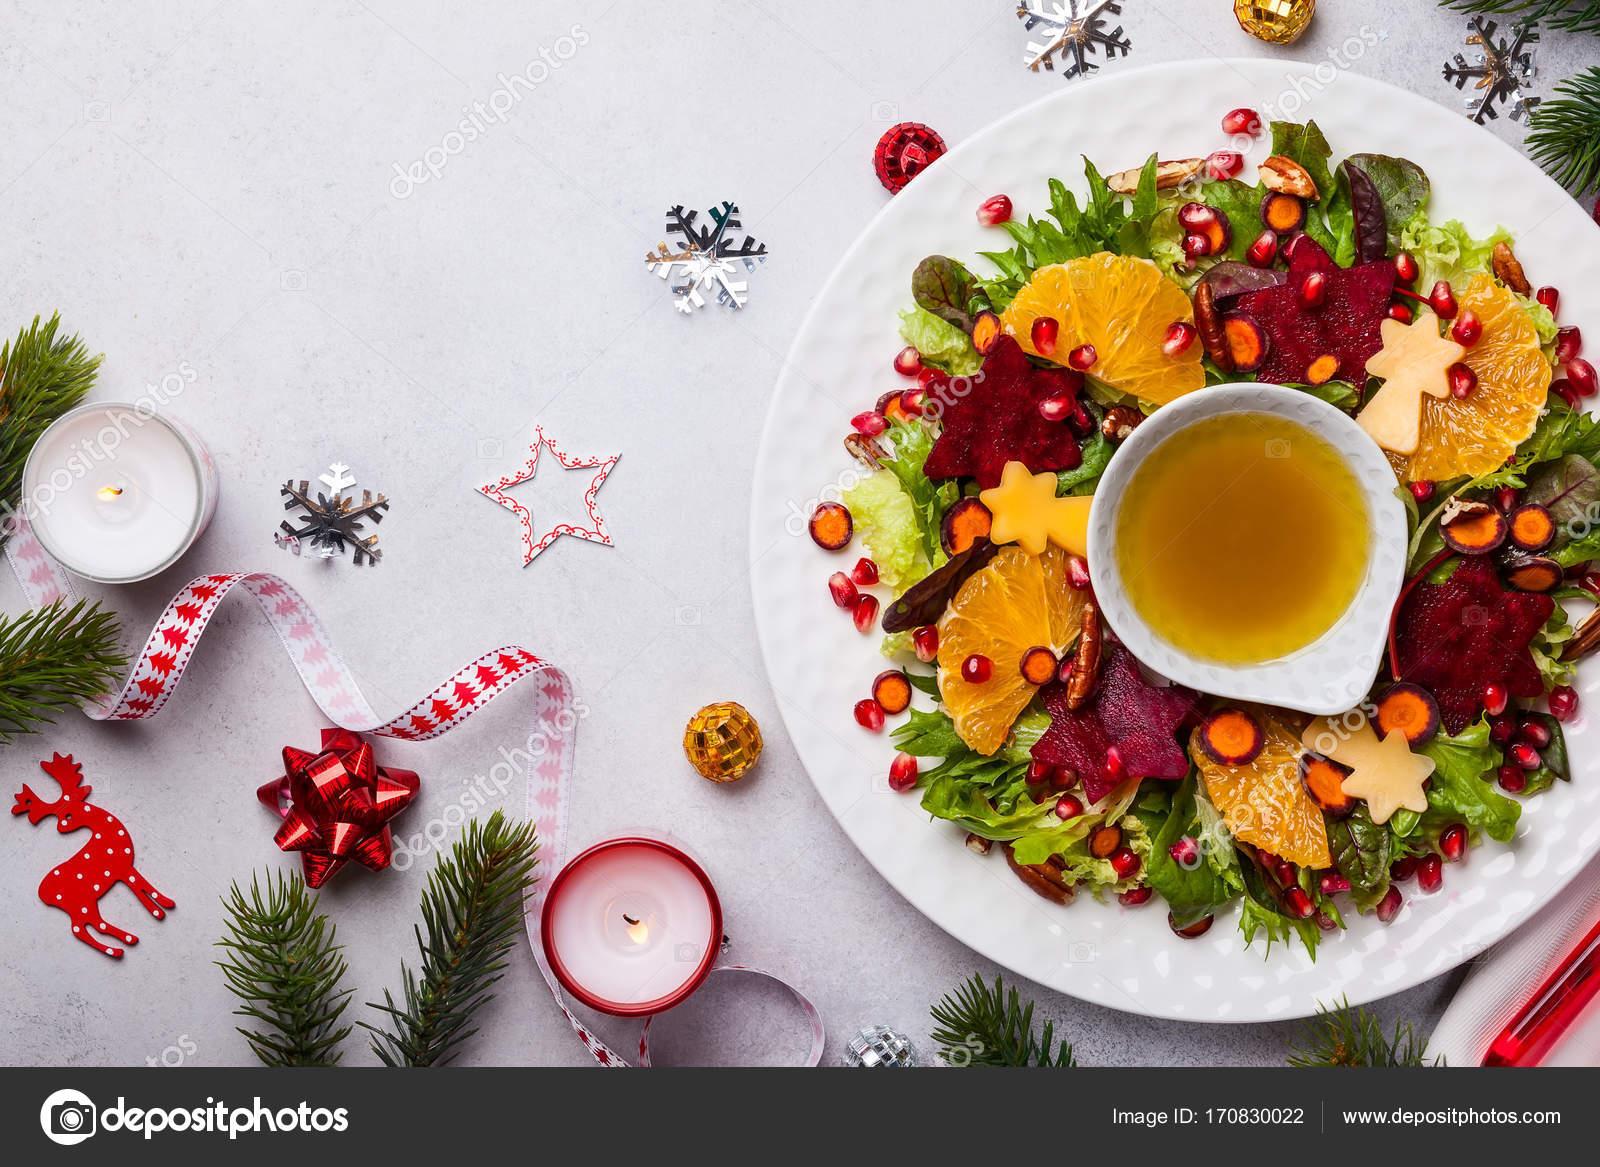 Salat Weihnachten.Weihnachten Kranz Salat Stockfoto Sarsmis 170830022